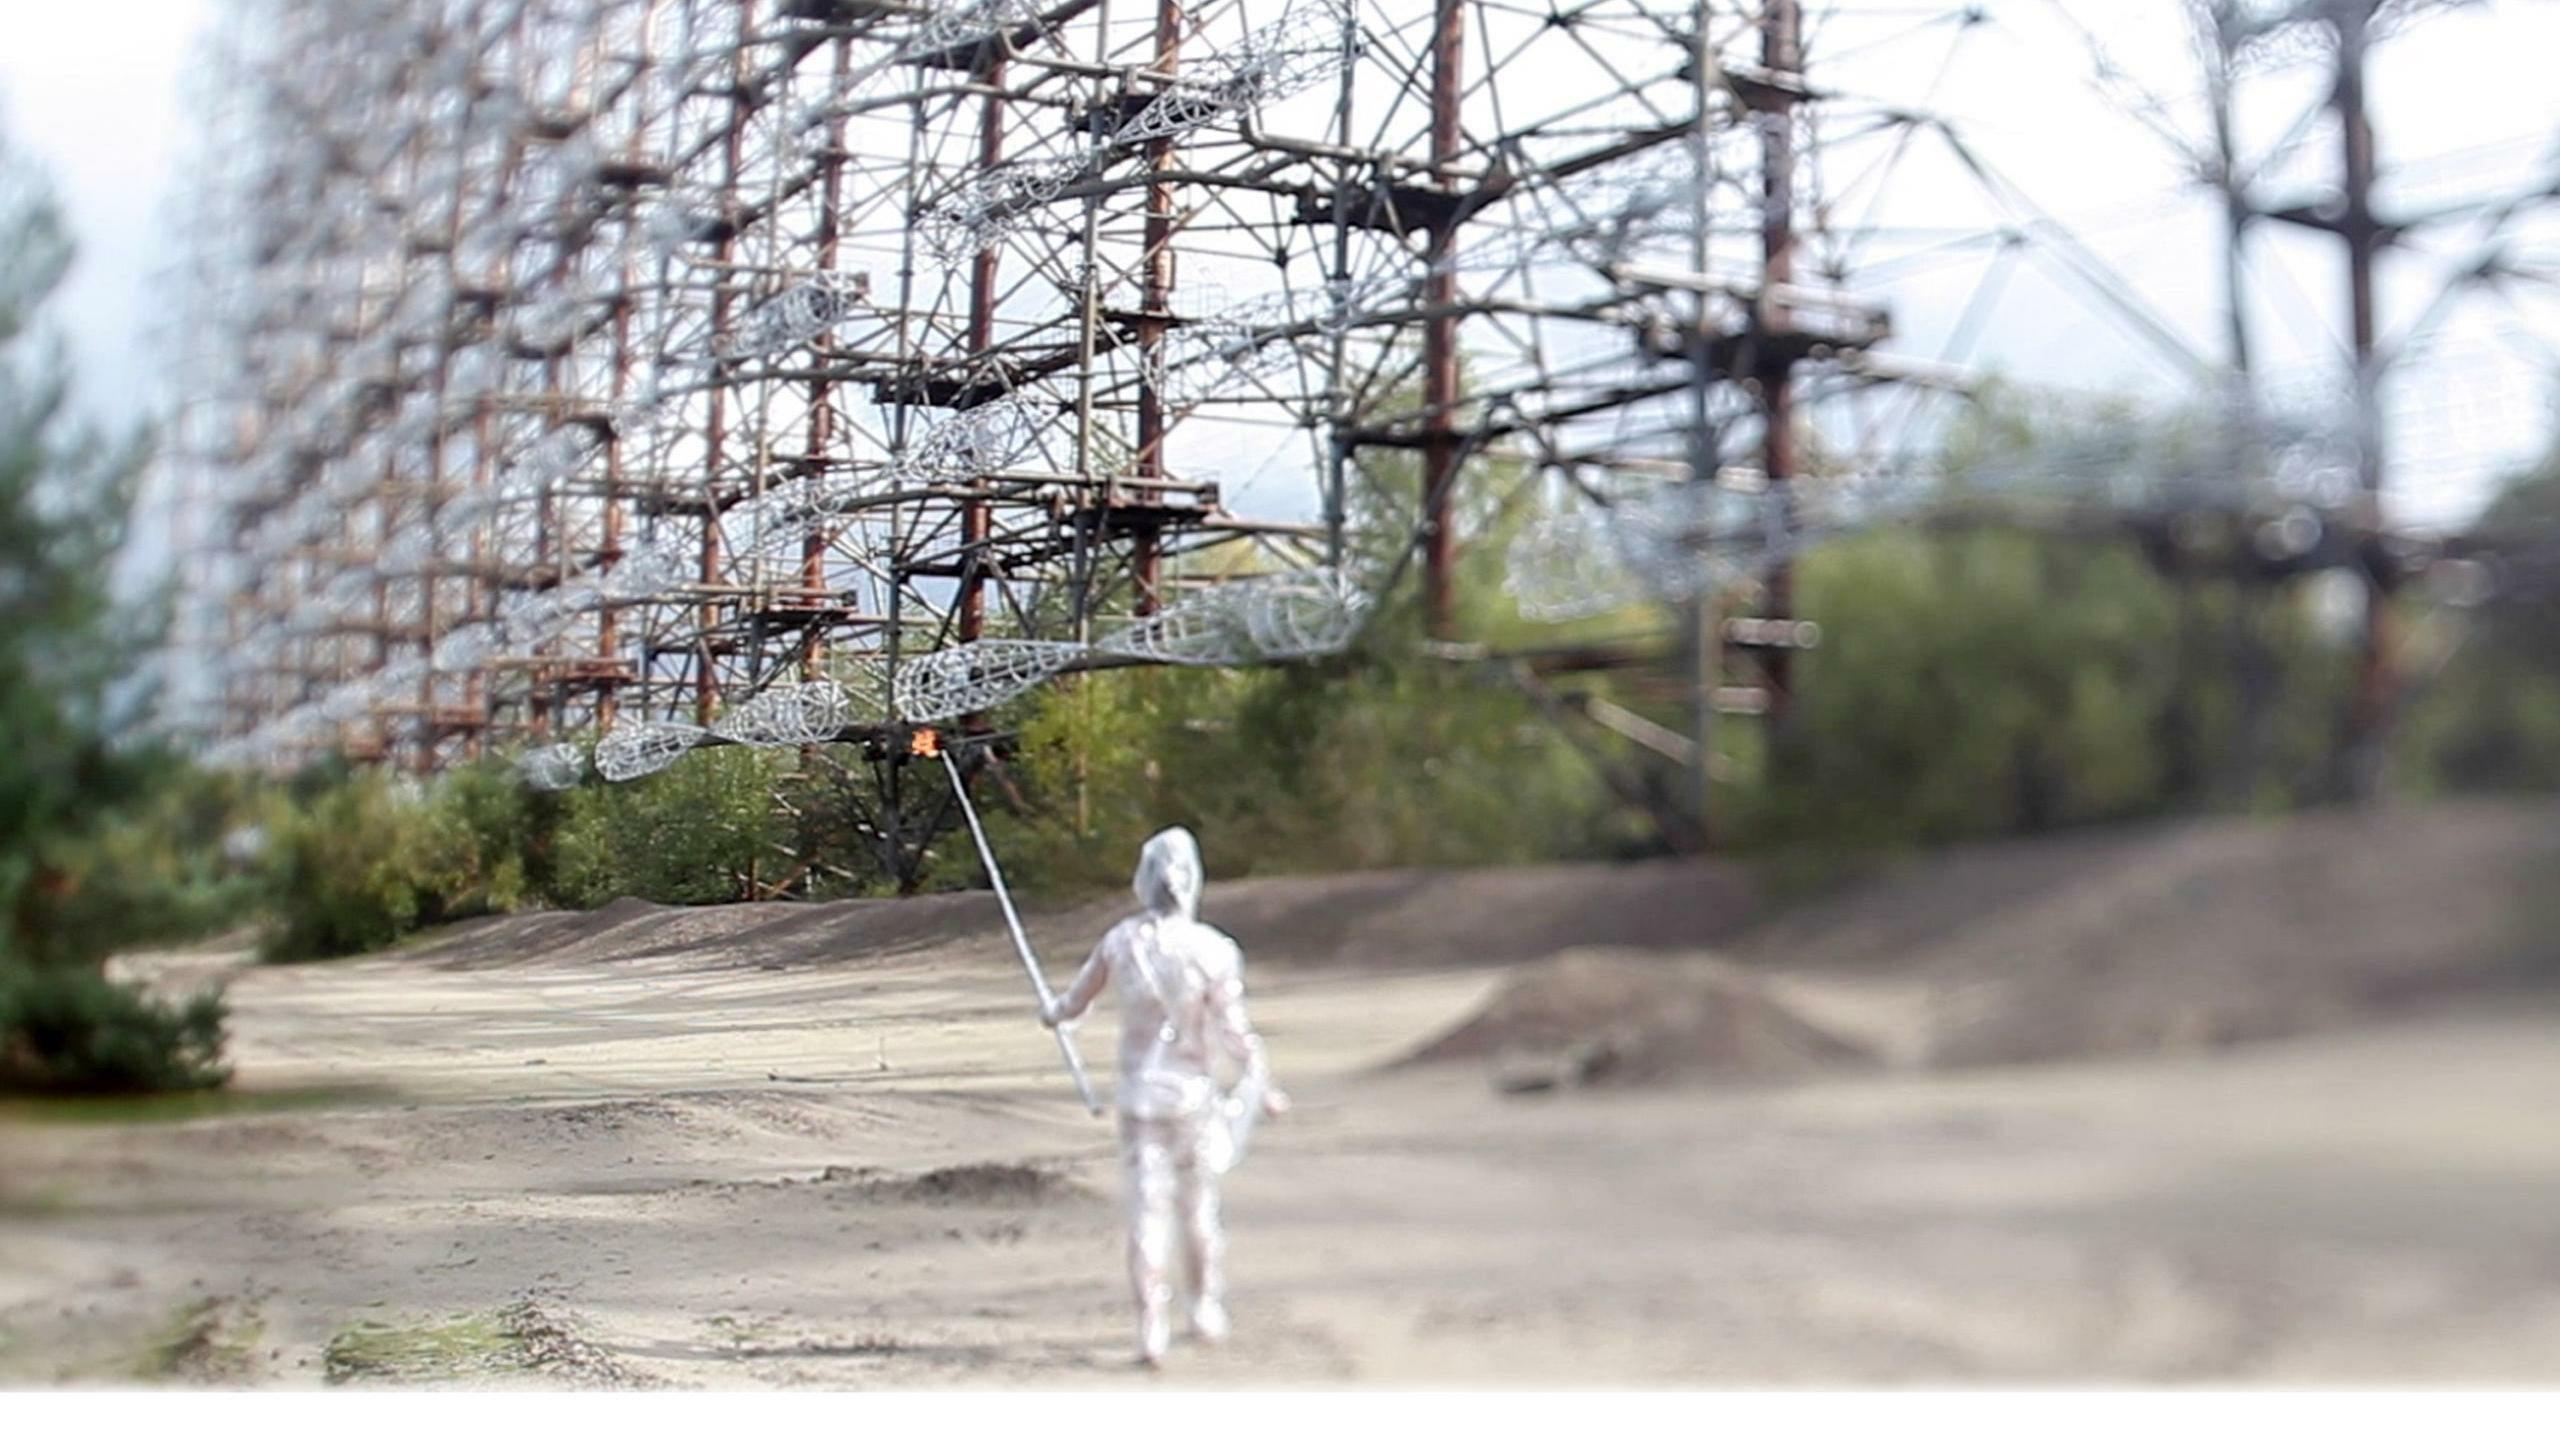 Kadr z filmu Rosyjski dzięcioł / The Russian Woodpecker (2015)